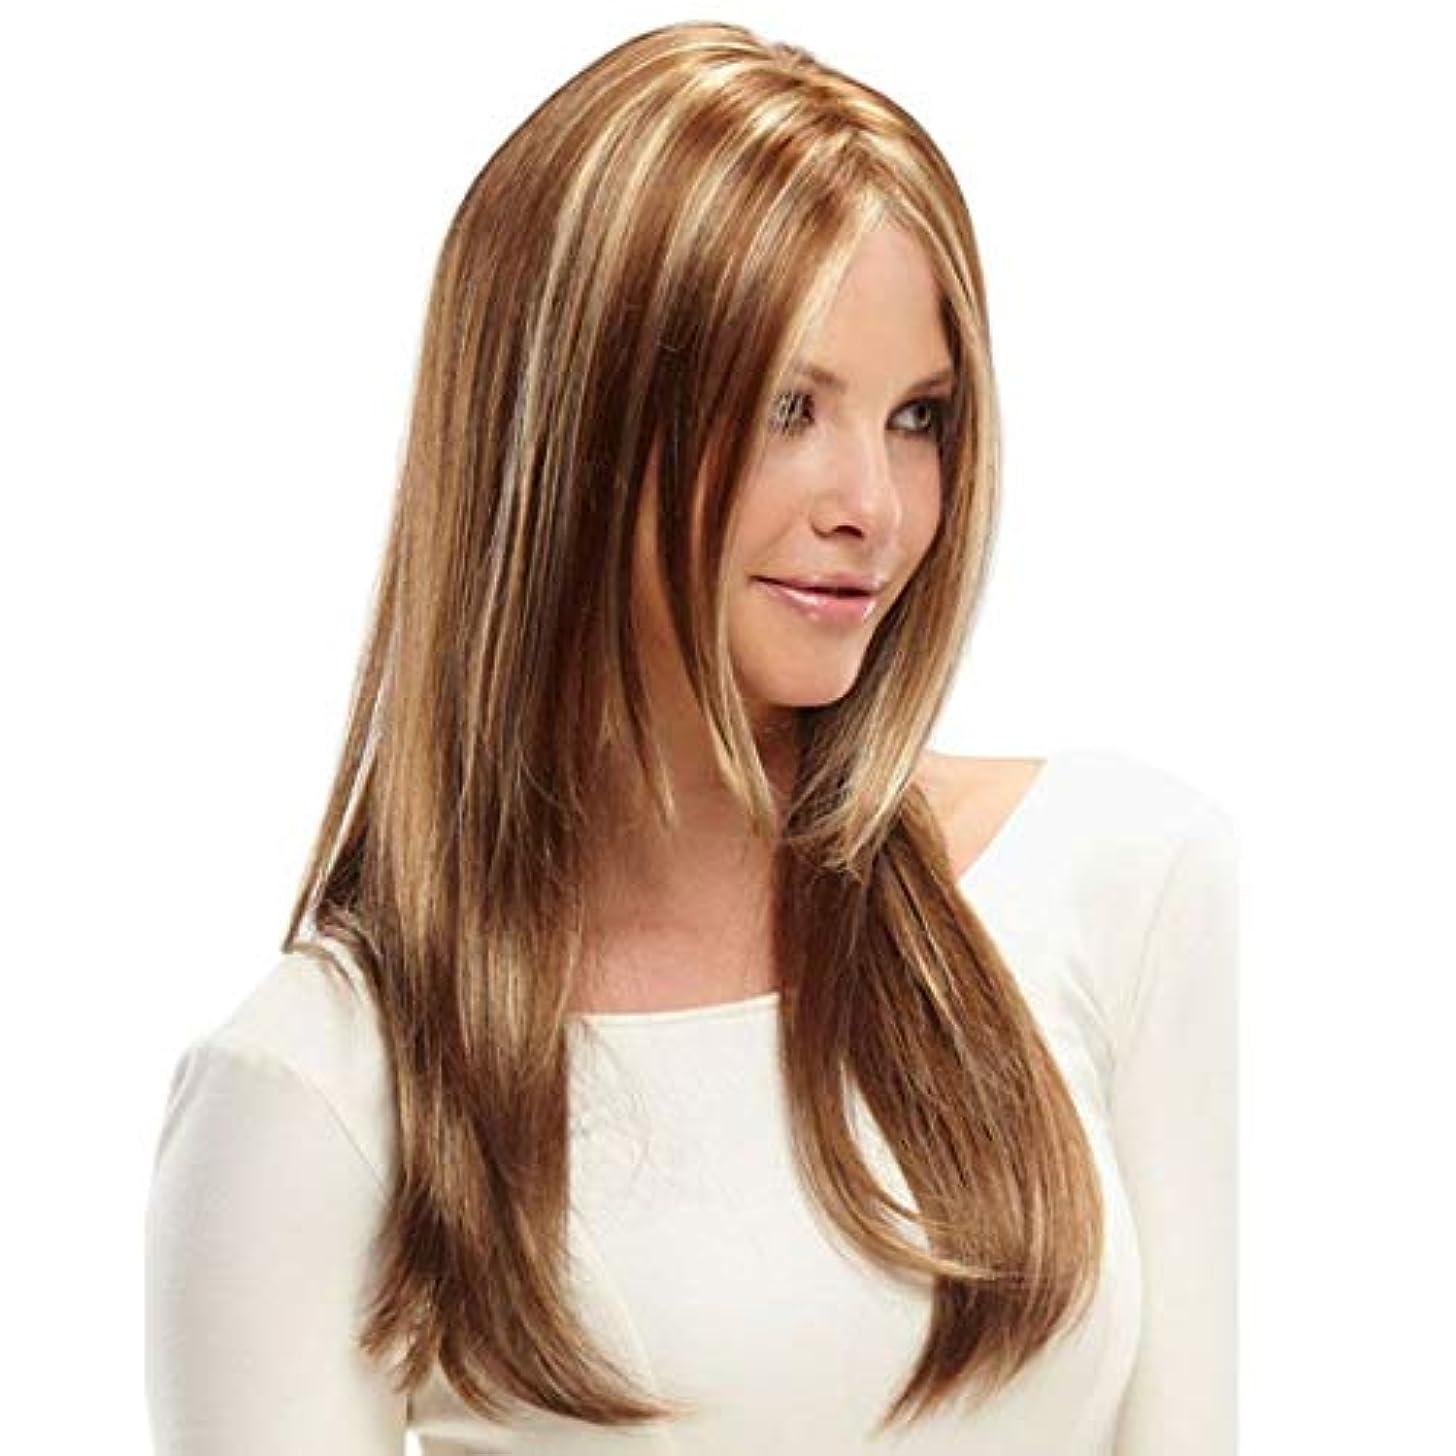 のぞき穴サーバントフランクワースリーKerwinner 女性のための合成かつら自然に見える長い波状別れ耐熱交換かつら